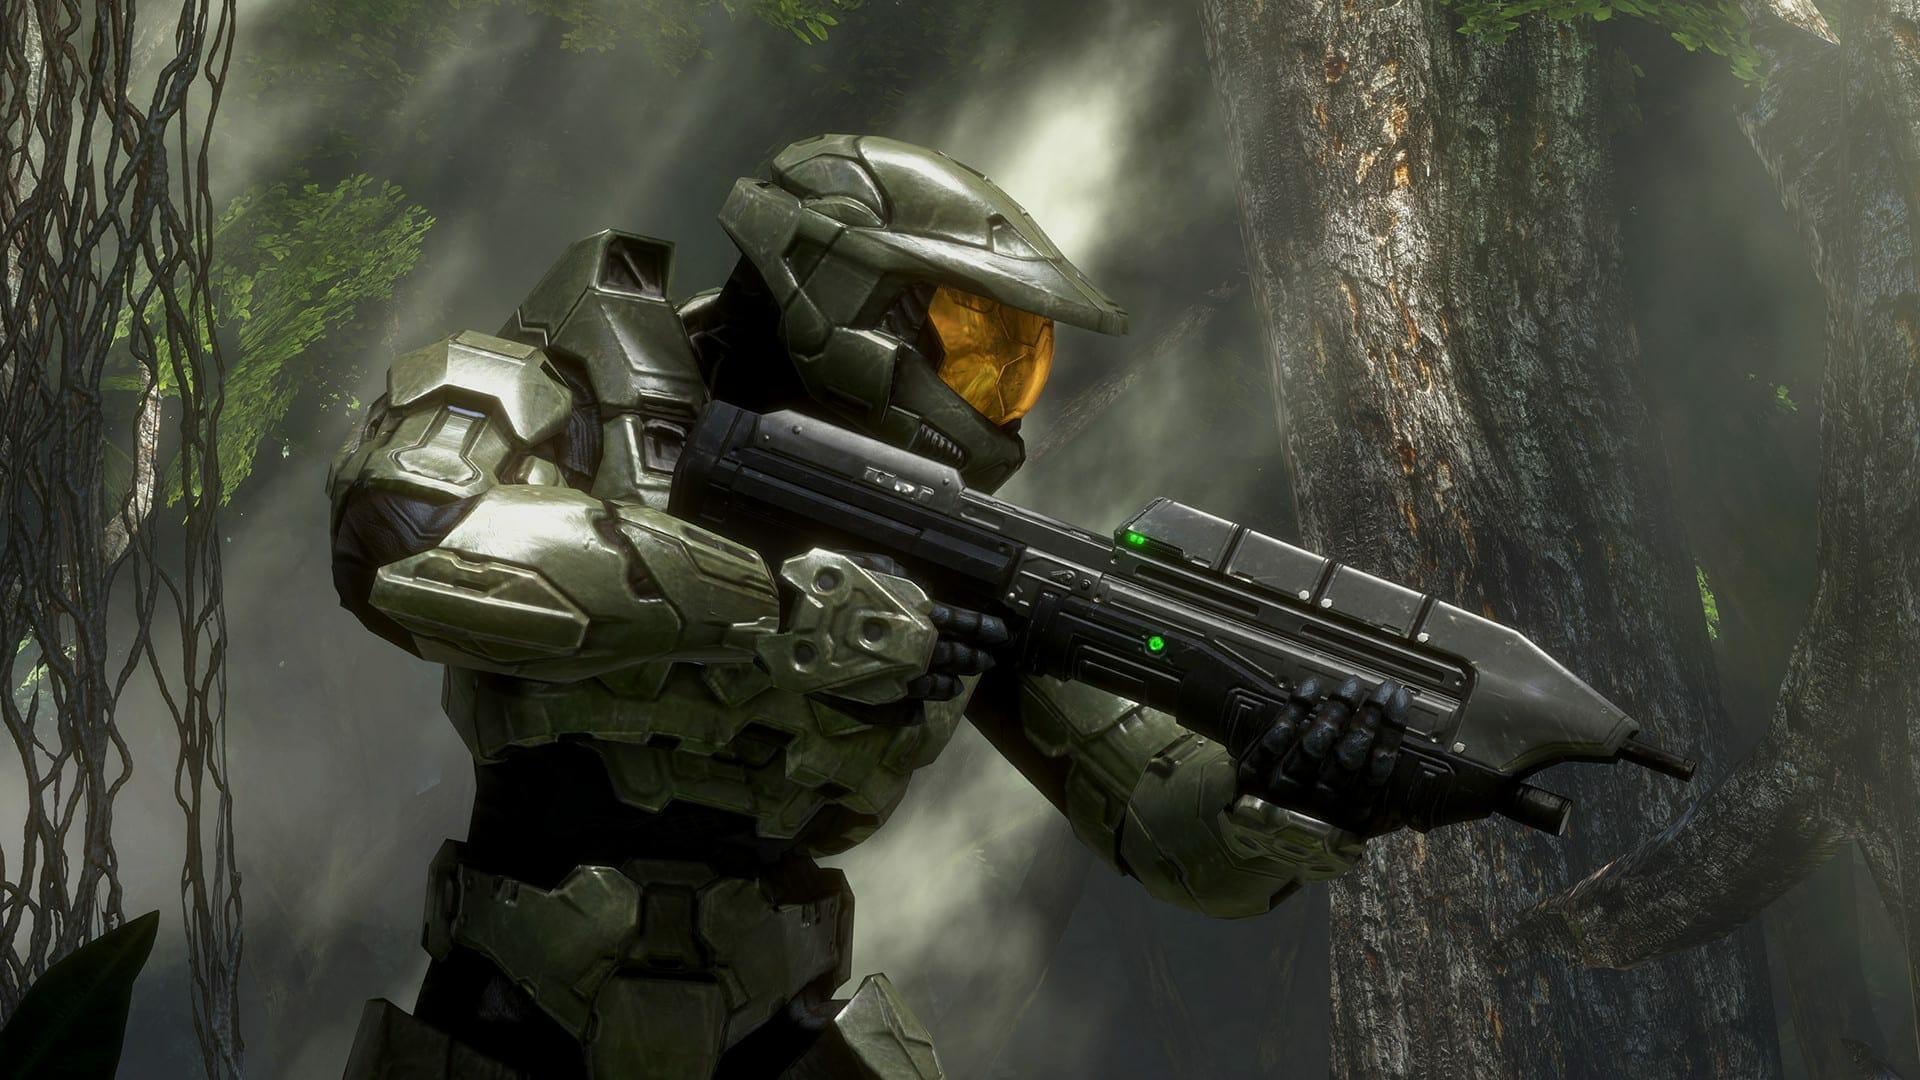 Skip Halo 3 Intro videos